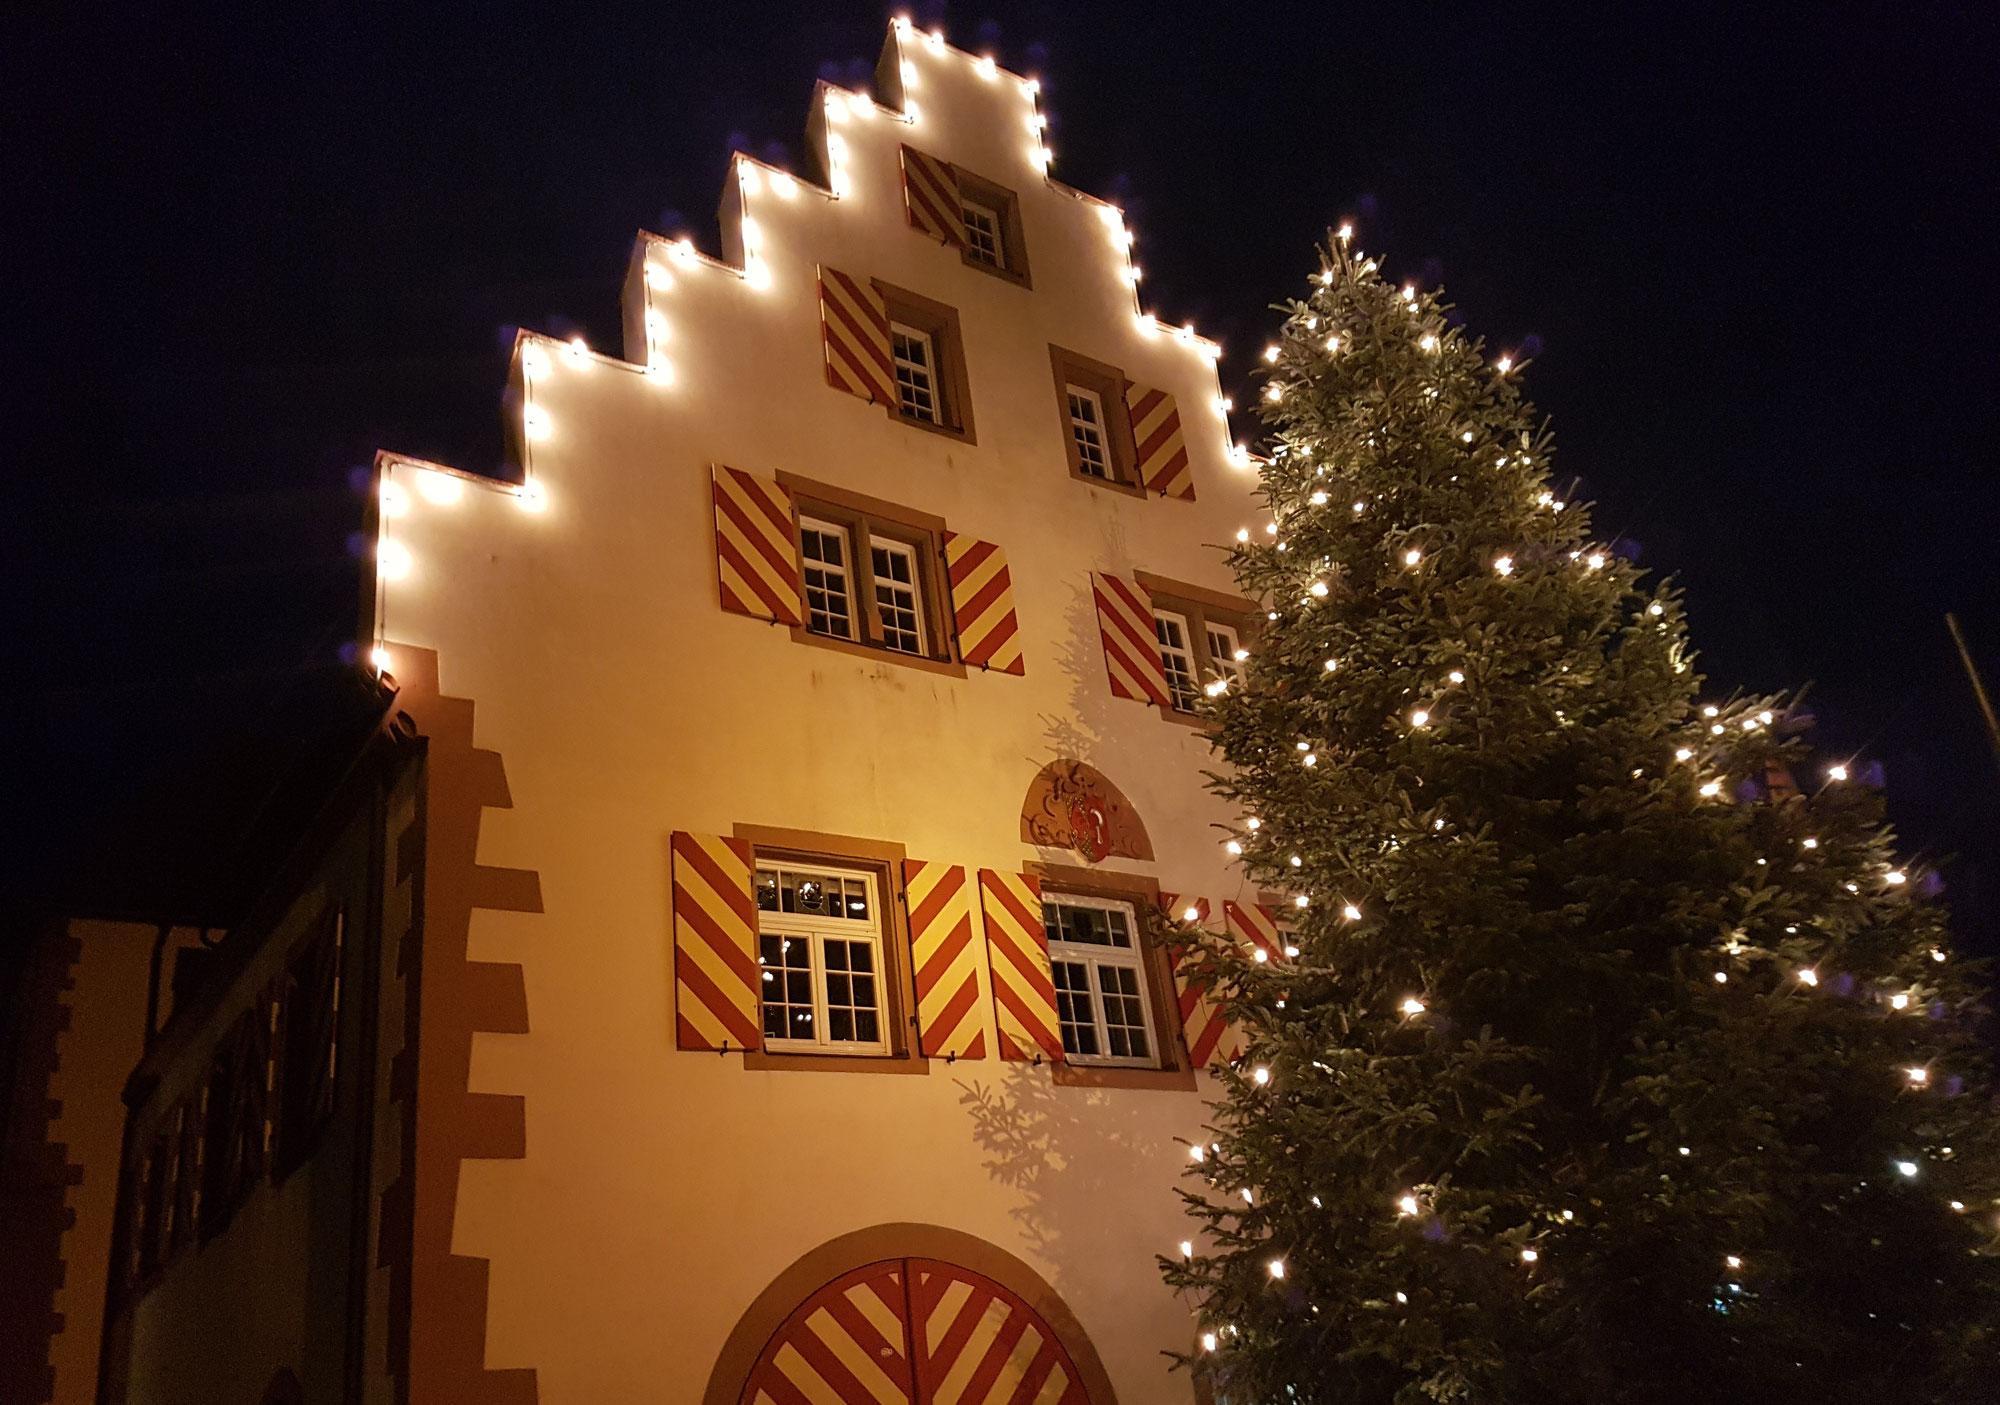 Doch ein Weihnachtsmarkt (Light) in Friesenheim 2021